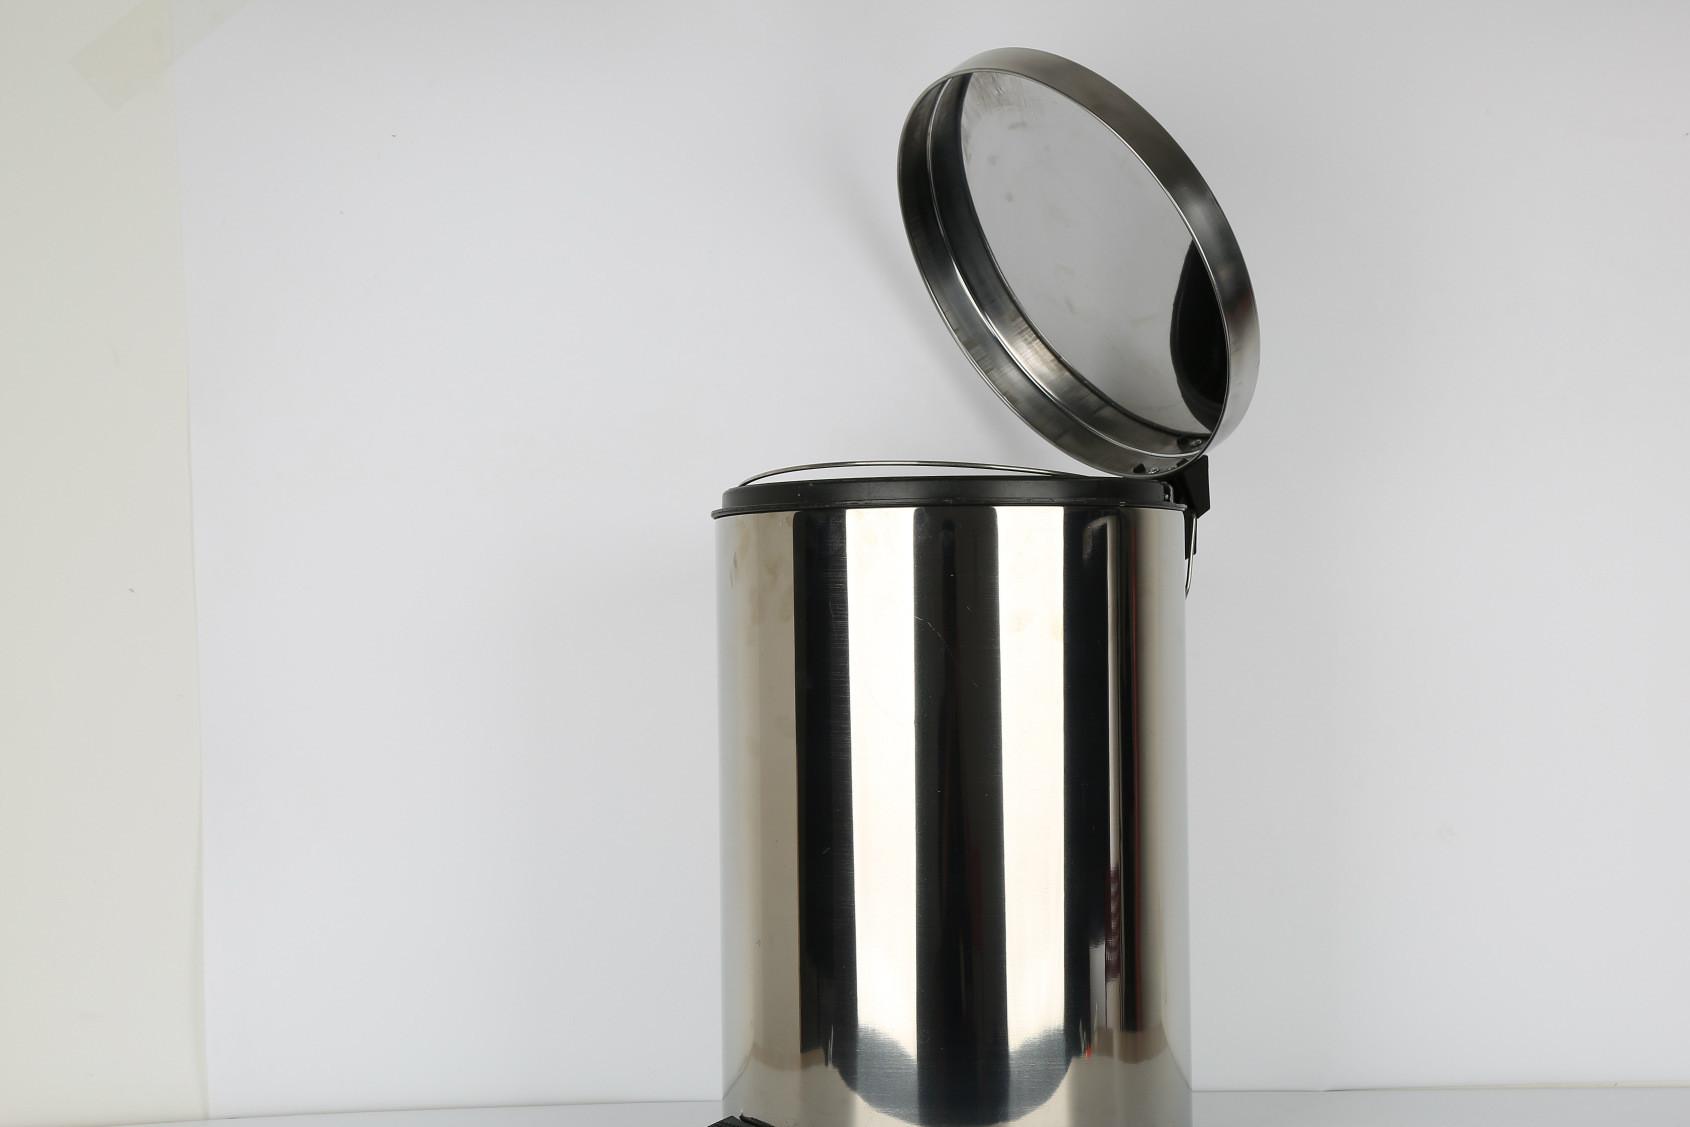 厂家直销家用垃圾桶 脚踏式不锈钢垃圾桶 高档茶水卫生桶果皮桶